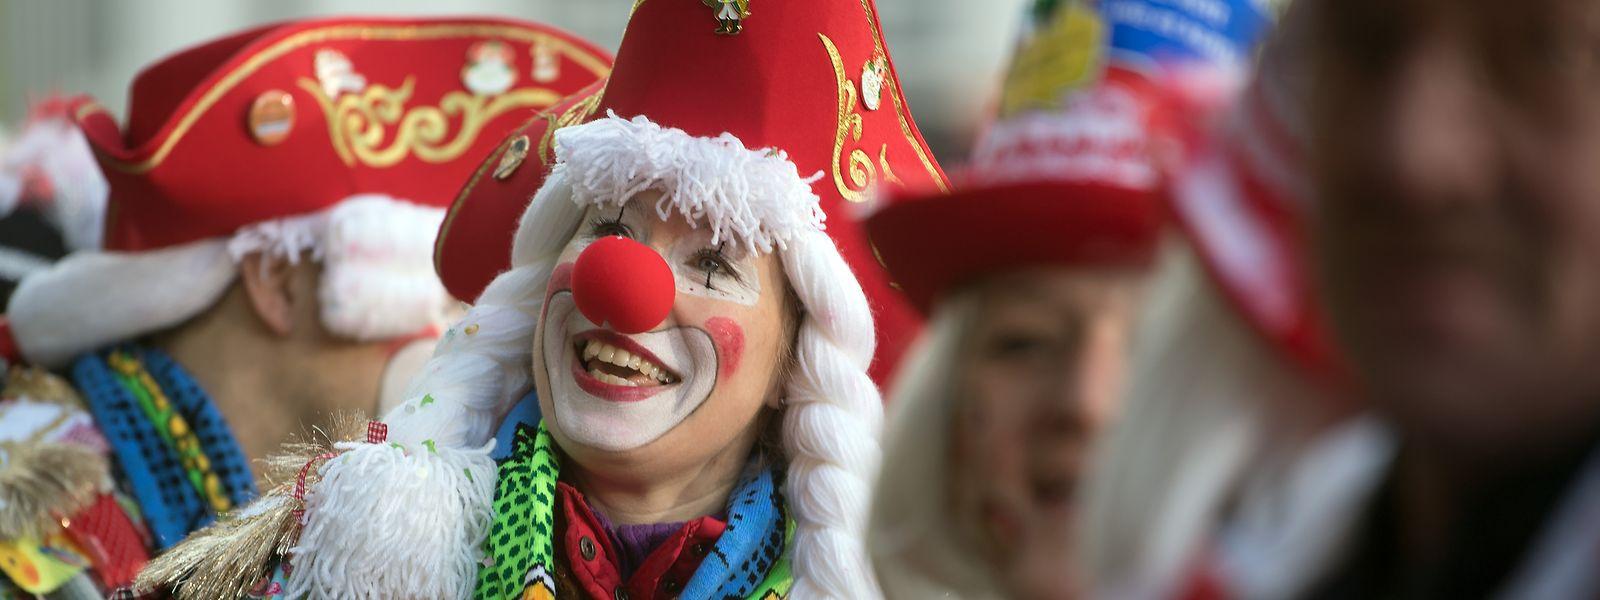 Verkleidete Närrinnen und Narren feiern in Köln. Mit dem 11.11 startet im Rheinland die Karnevalssaison.